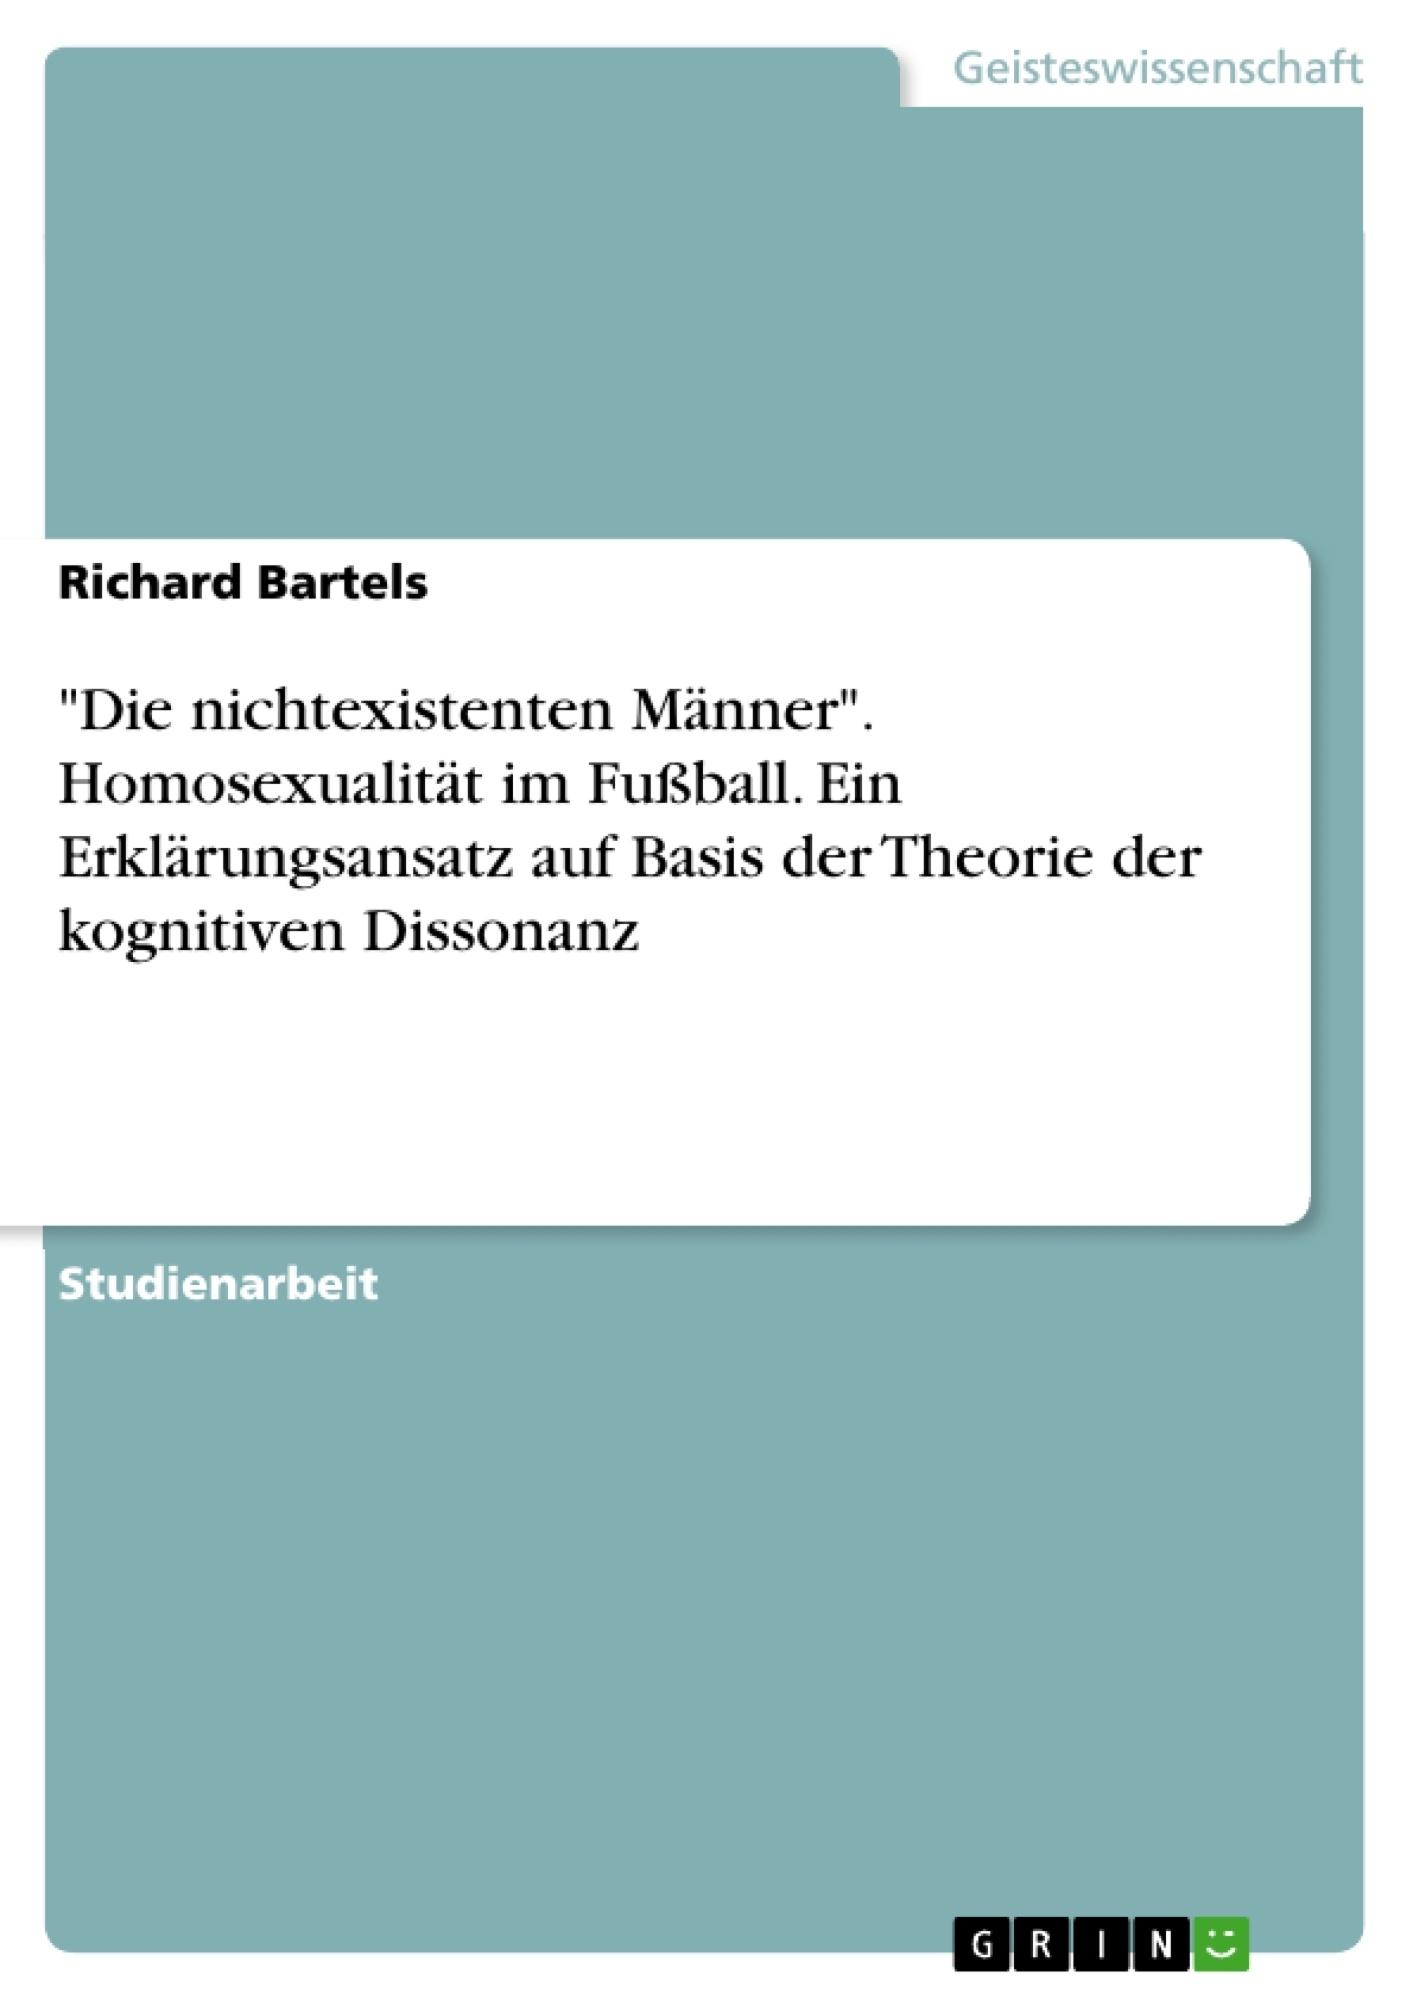 """Titel: """"Die nichtexistenten Männer"""". Homosexualität im Fußball. Ein Erklärungsansatz auf Basis der Theorie der kognitiven Dissonanz"""